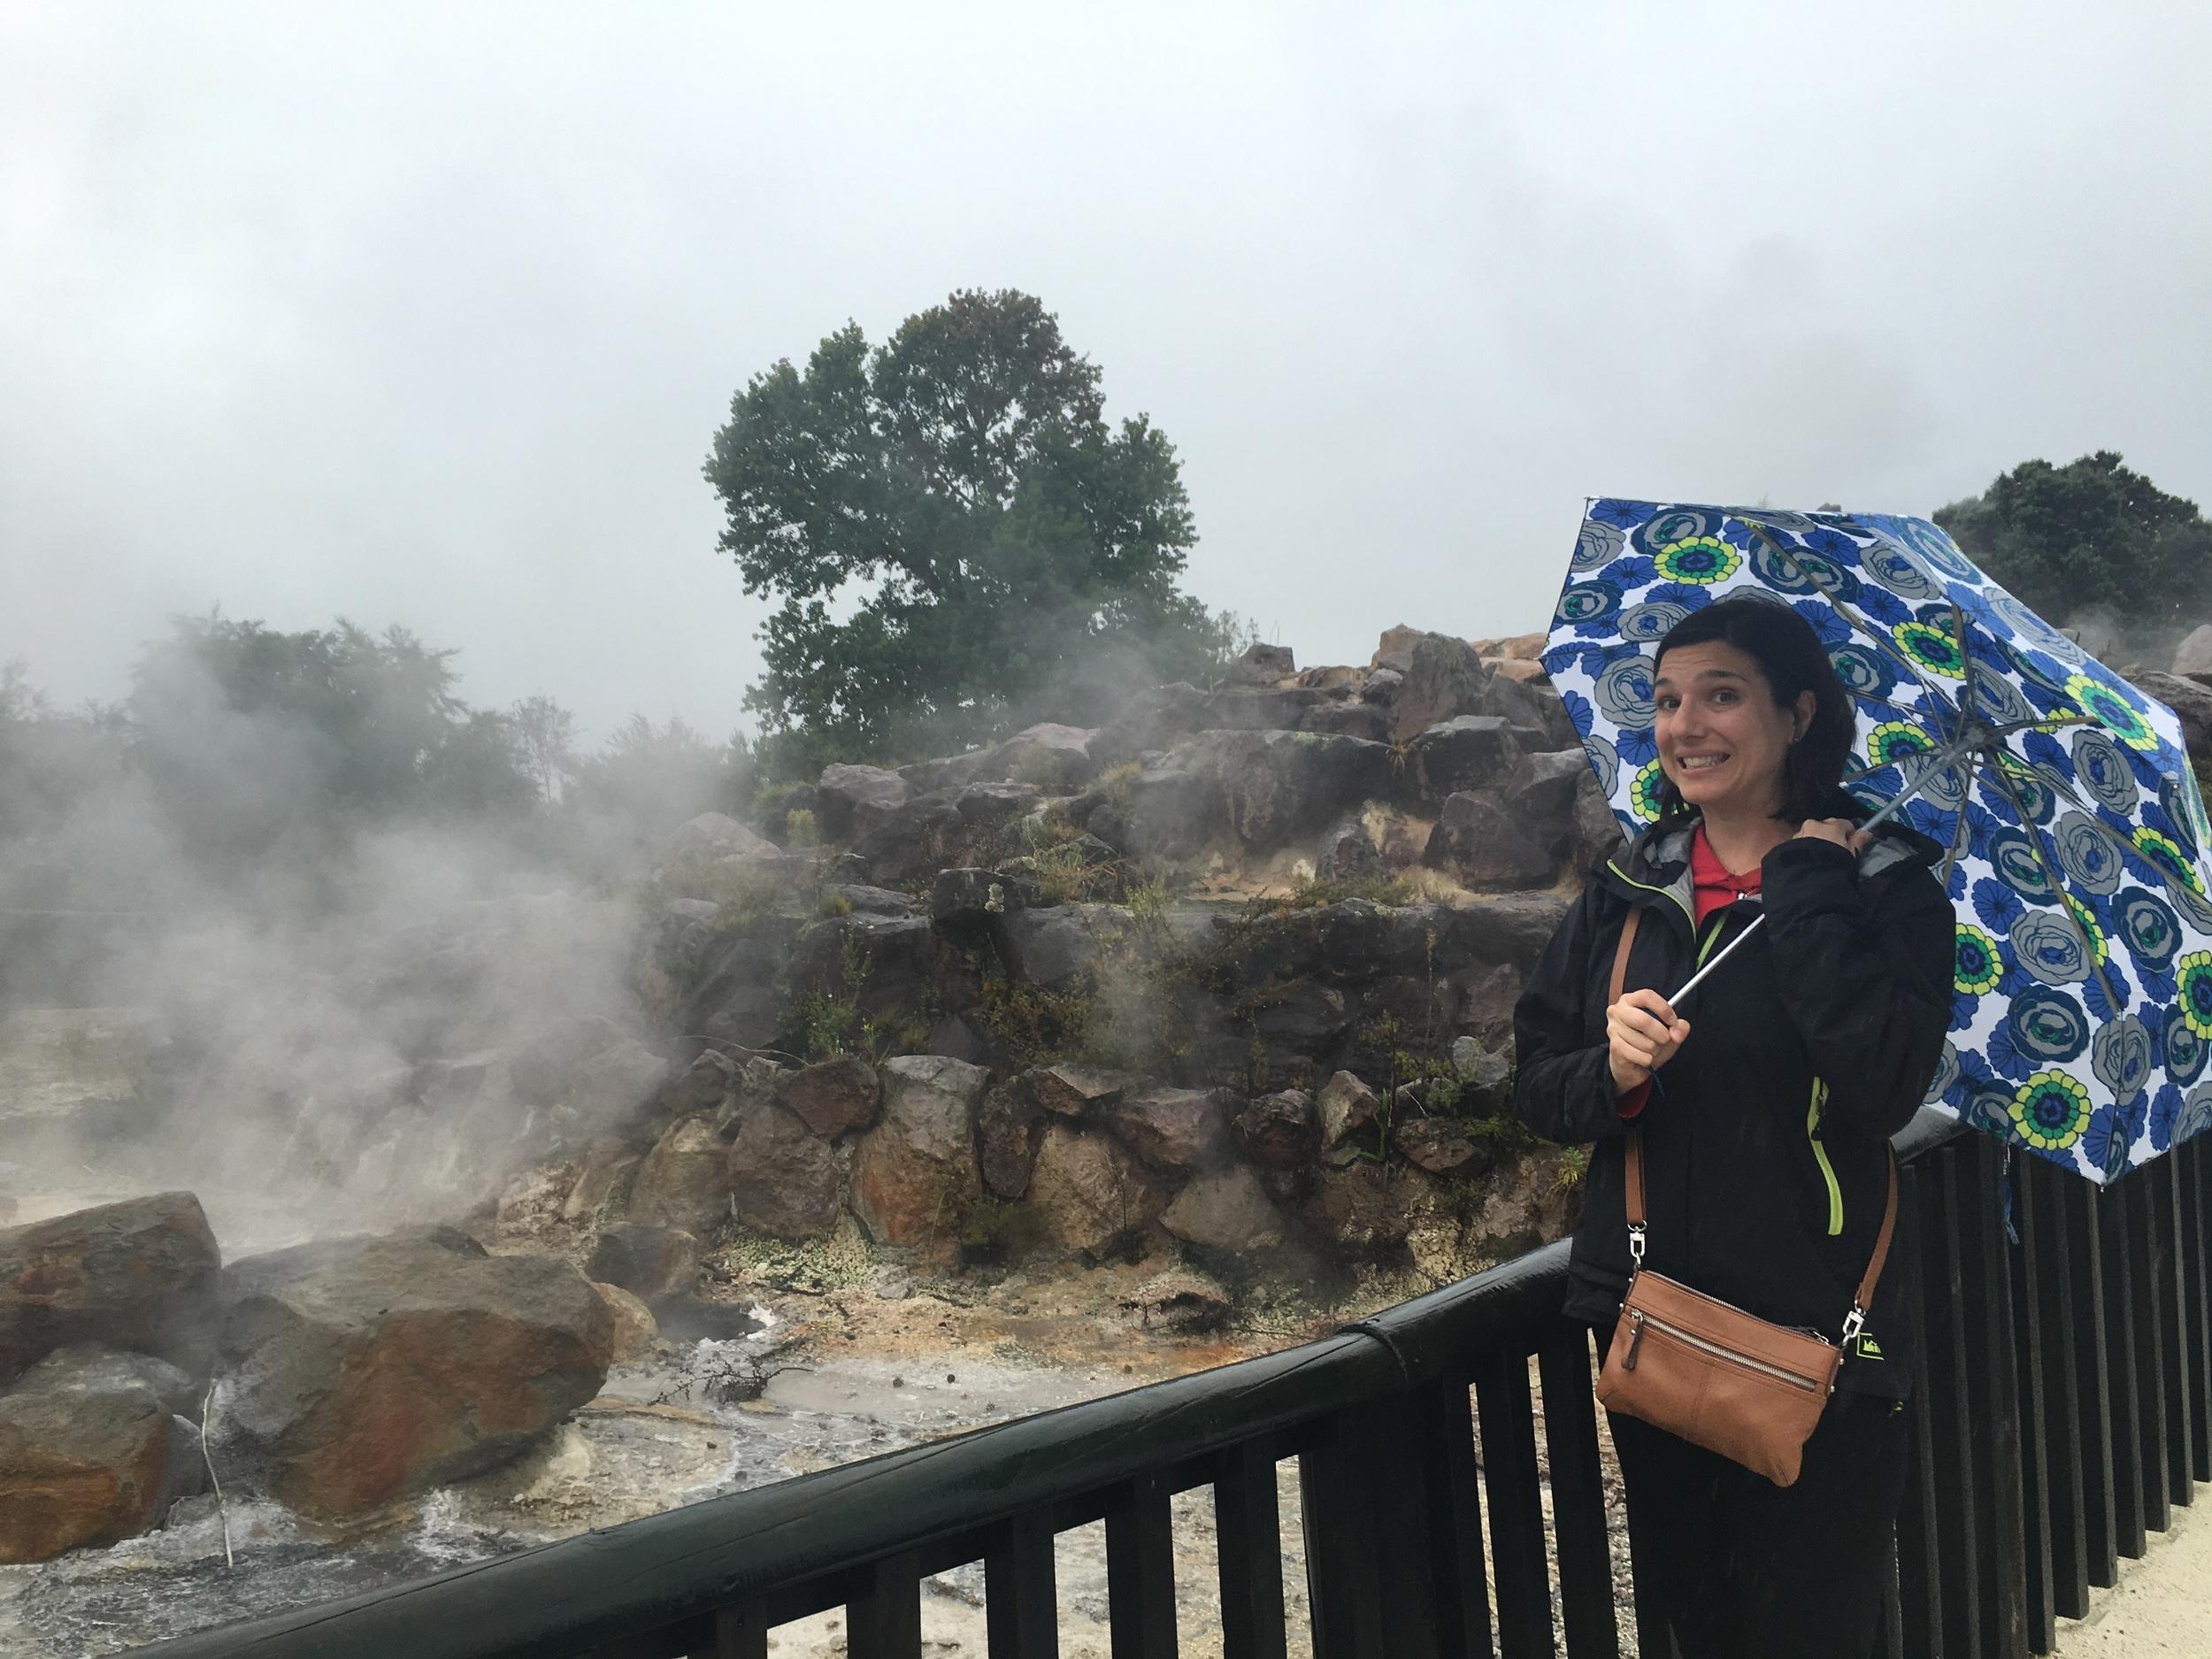 bubbling muddy sulphor-hotsprings in Rotorua